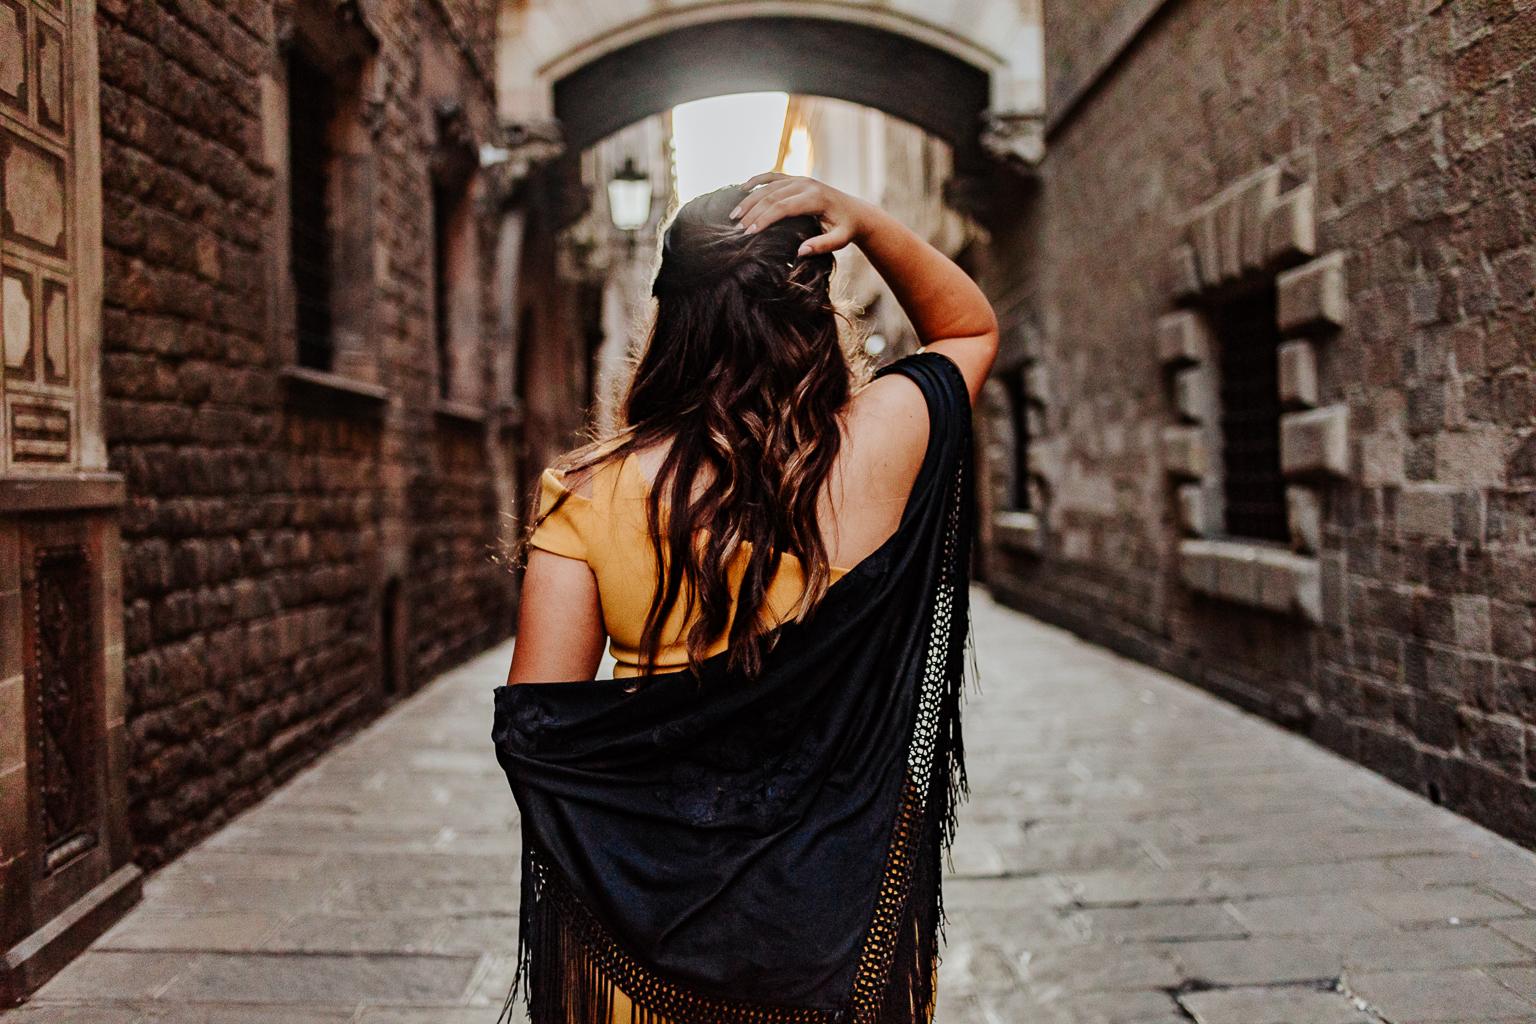 fotógrafo book personal en barcelona :: fotógrafo barcelona :: fotógrafo turístico en barcelona  ::  Barcelona photographer :: Barcelona best photographer :: Barcelona quinceanera photographer